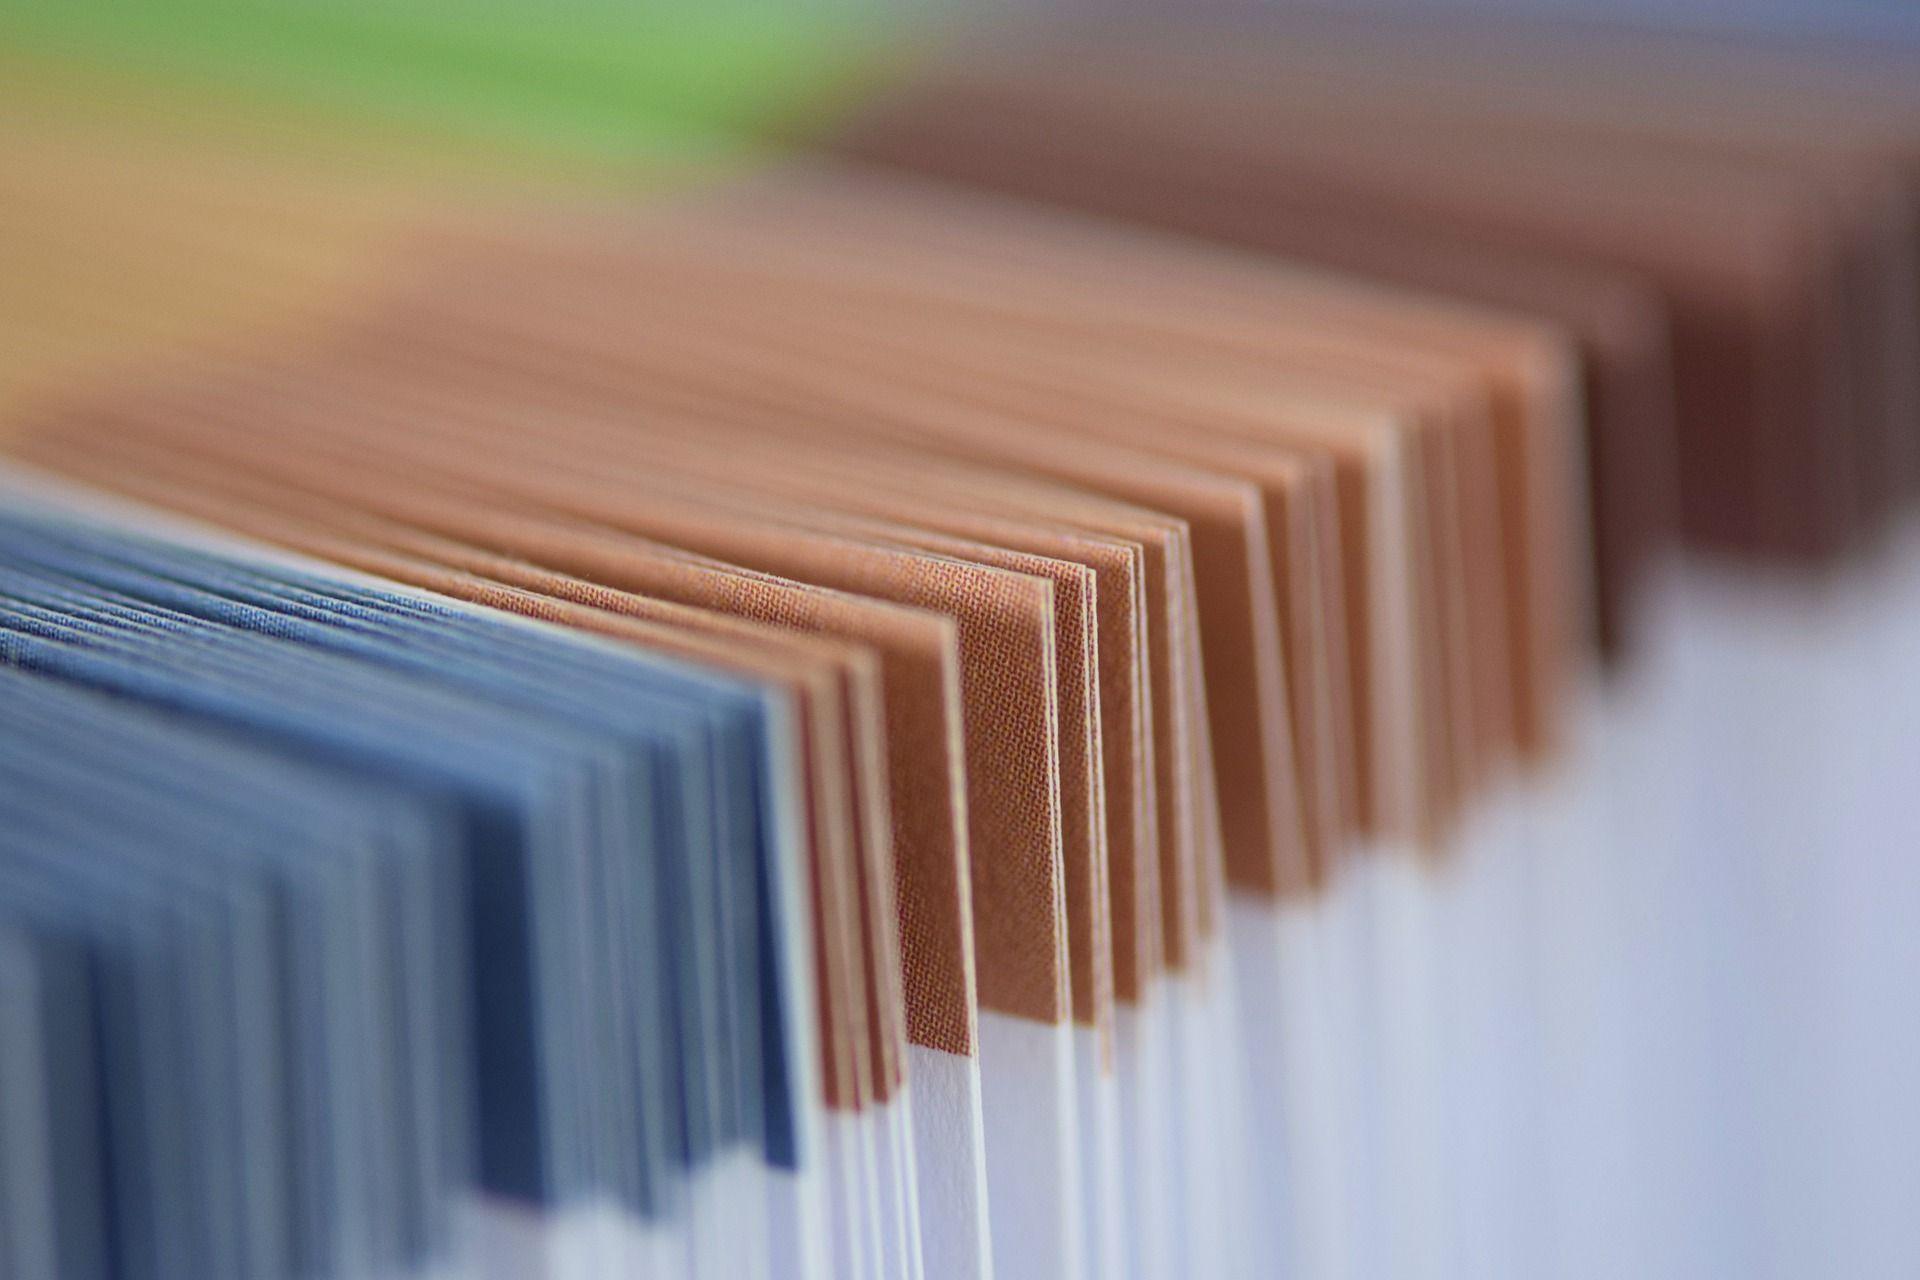 Visitas de inspección pericial y redacción de informes